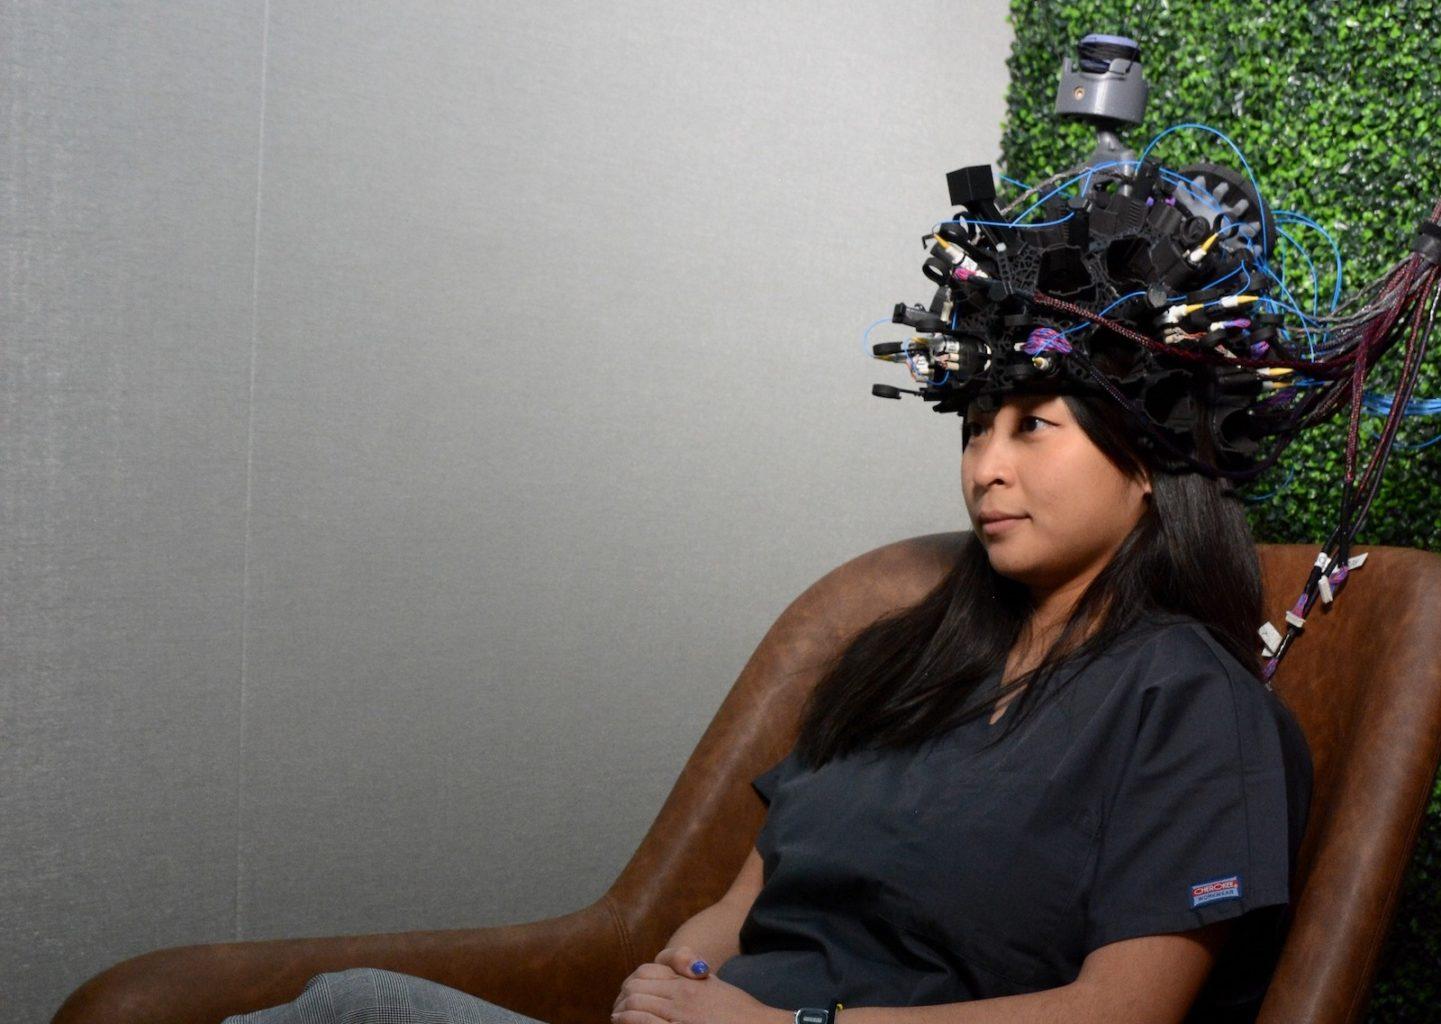 Калифорнийский стартап выпустит шлем для считывания мыслей